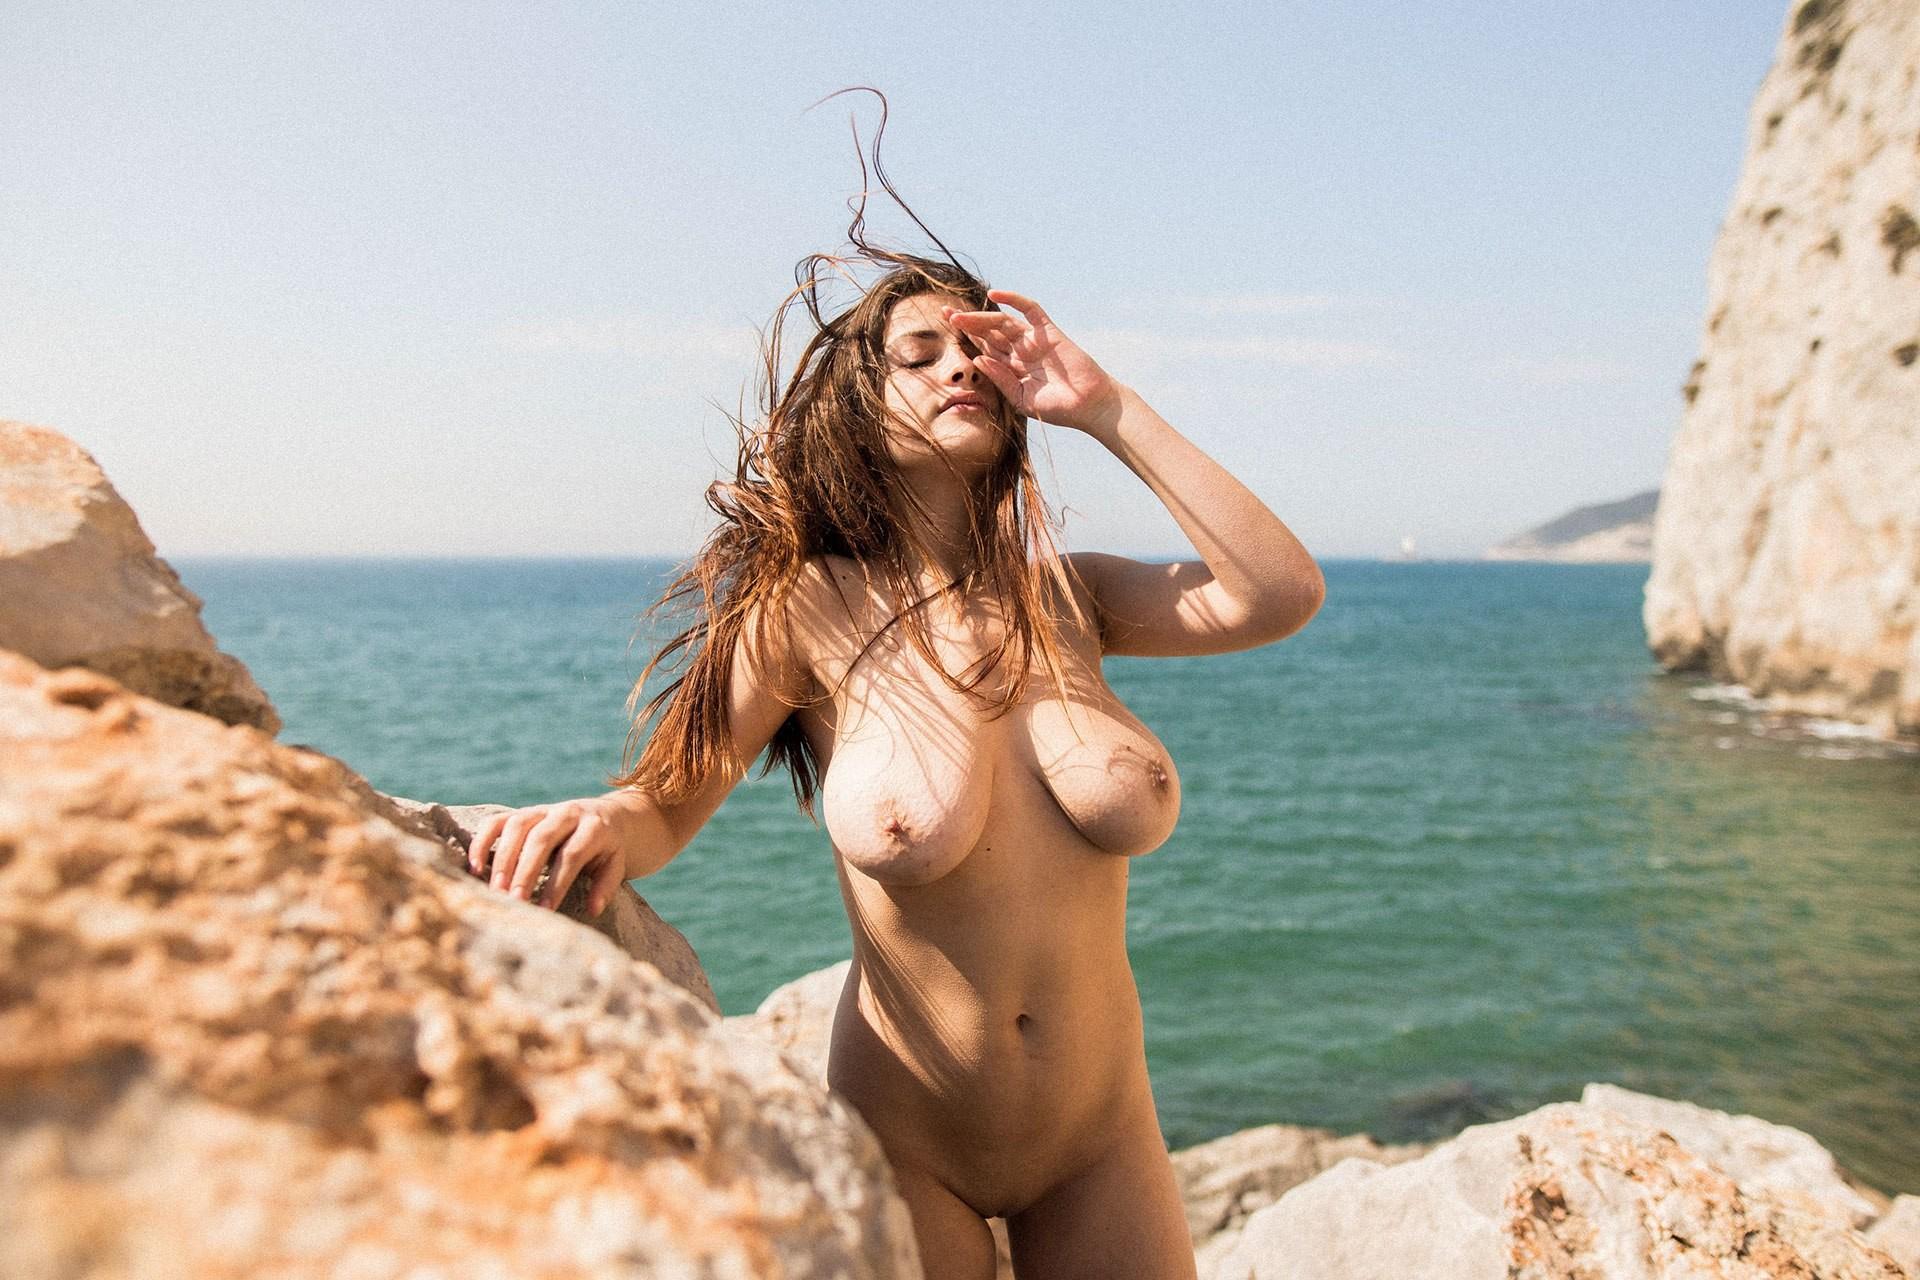 Judit t nude model, softcore porno video